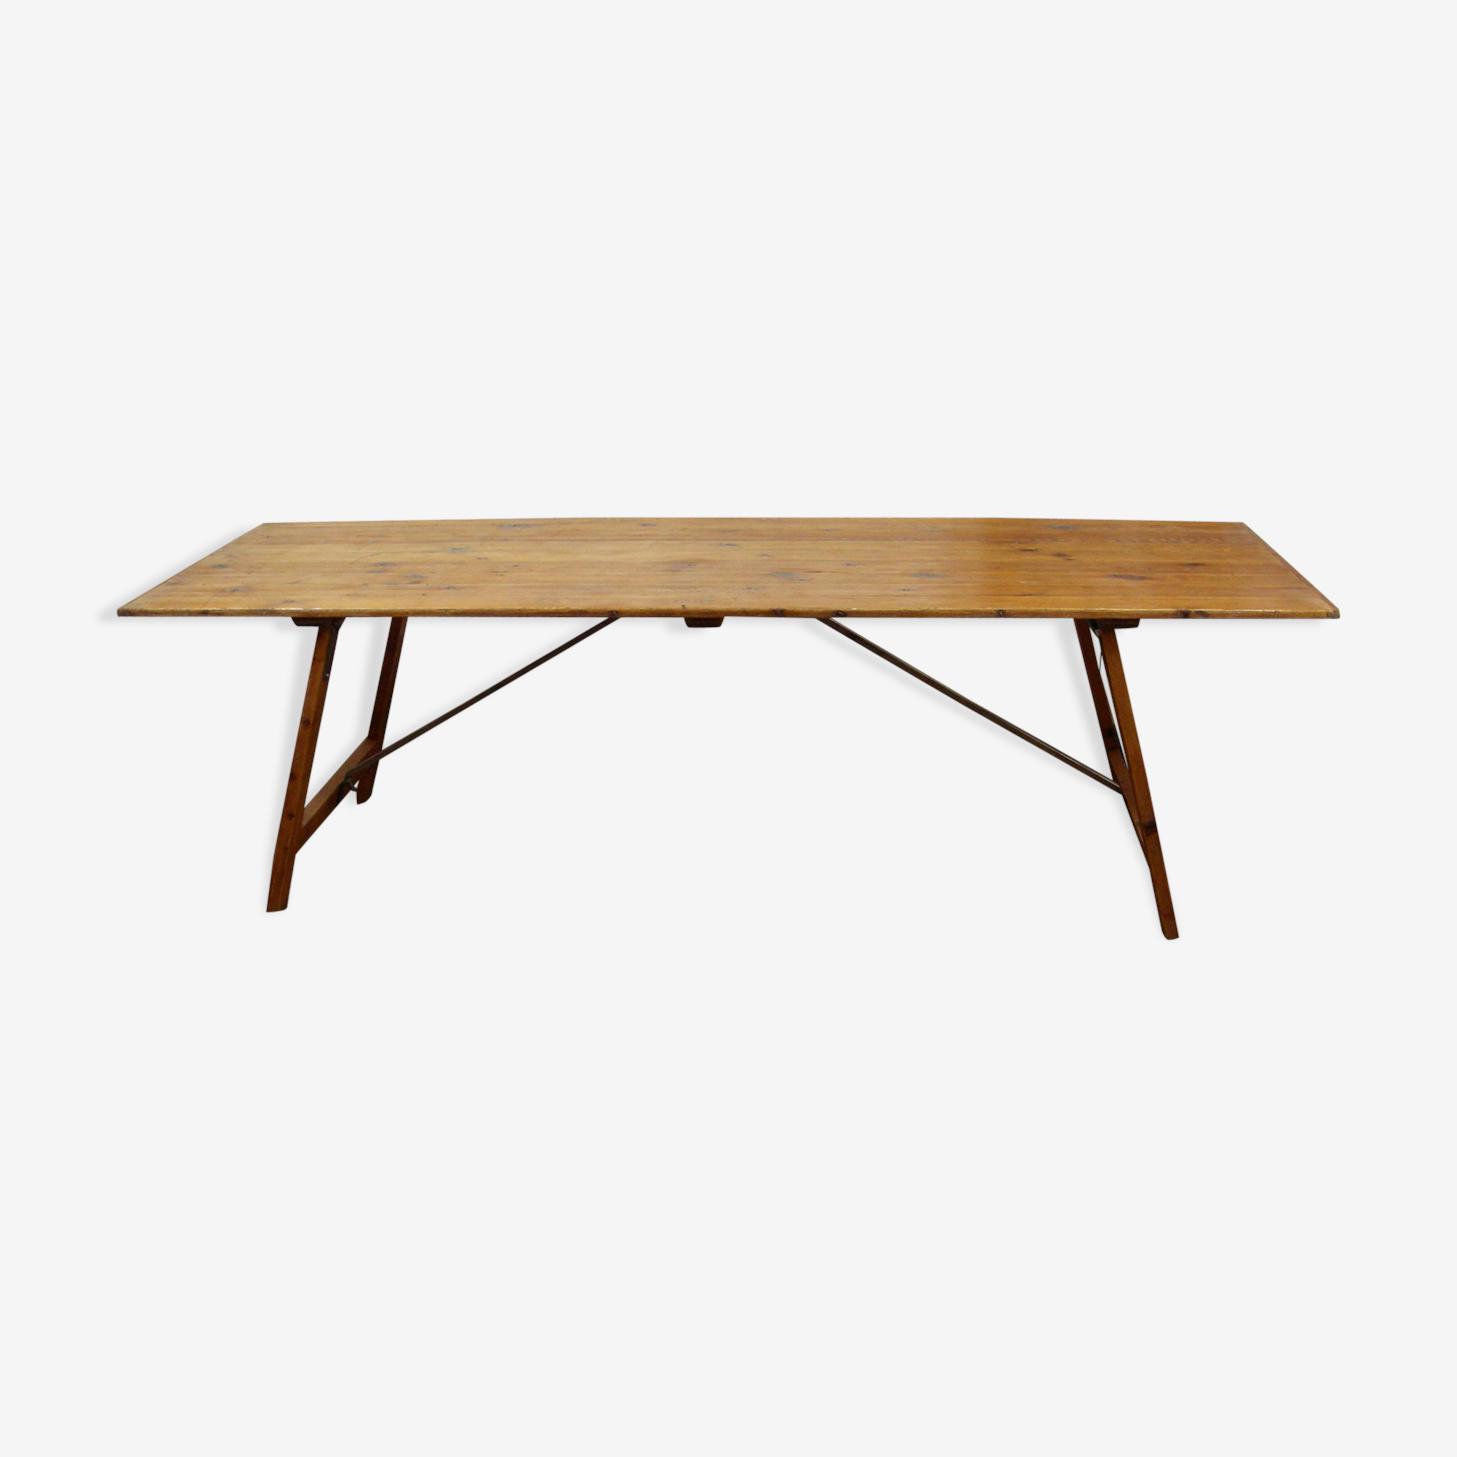 Large folding harvest farm table